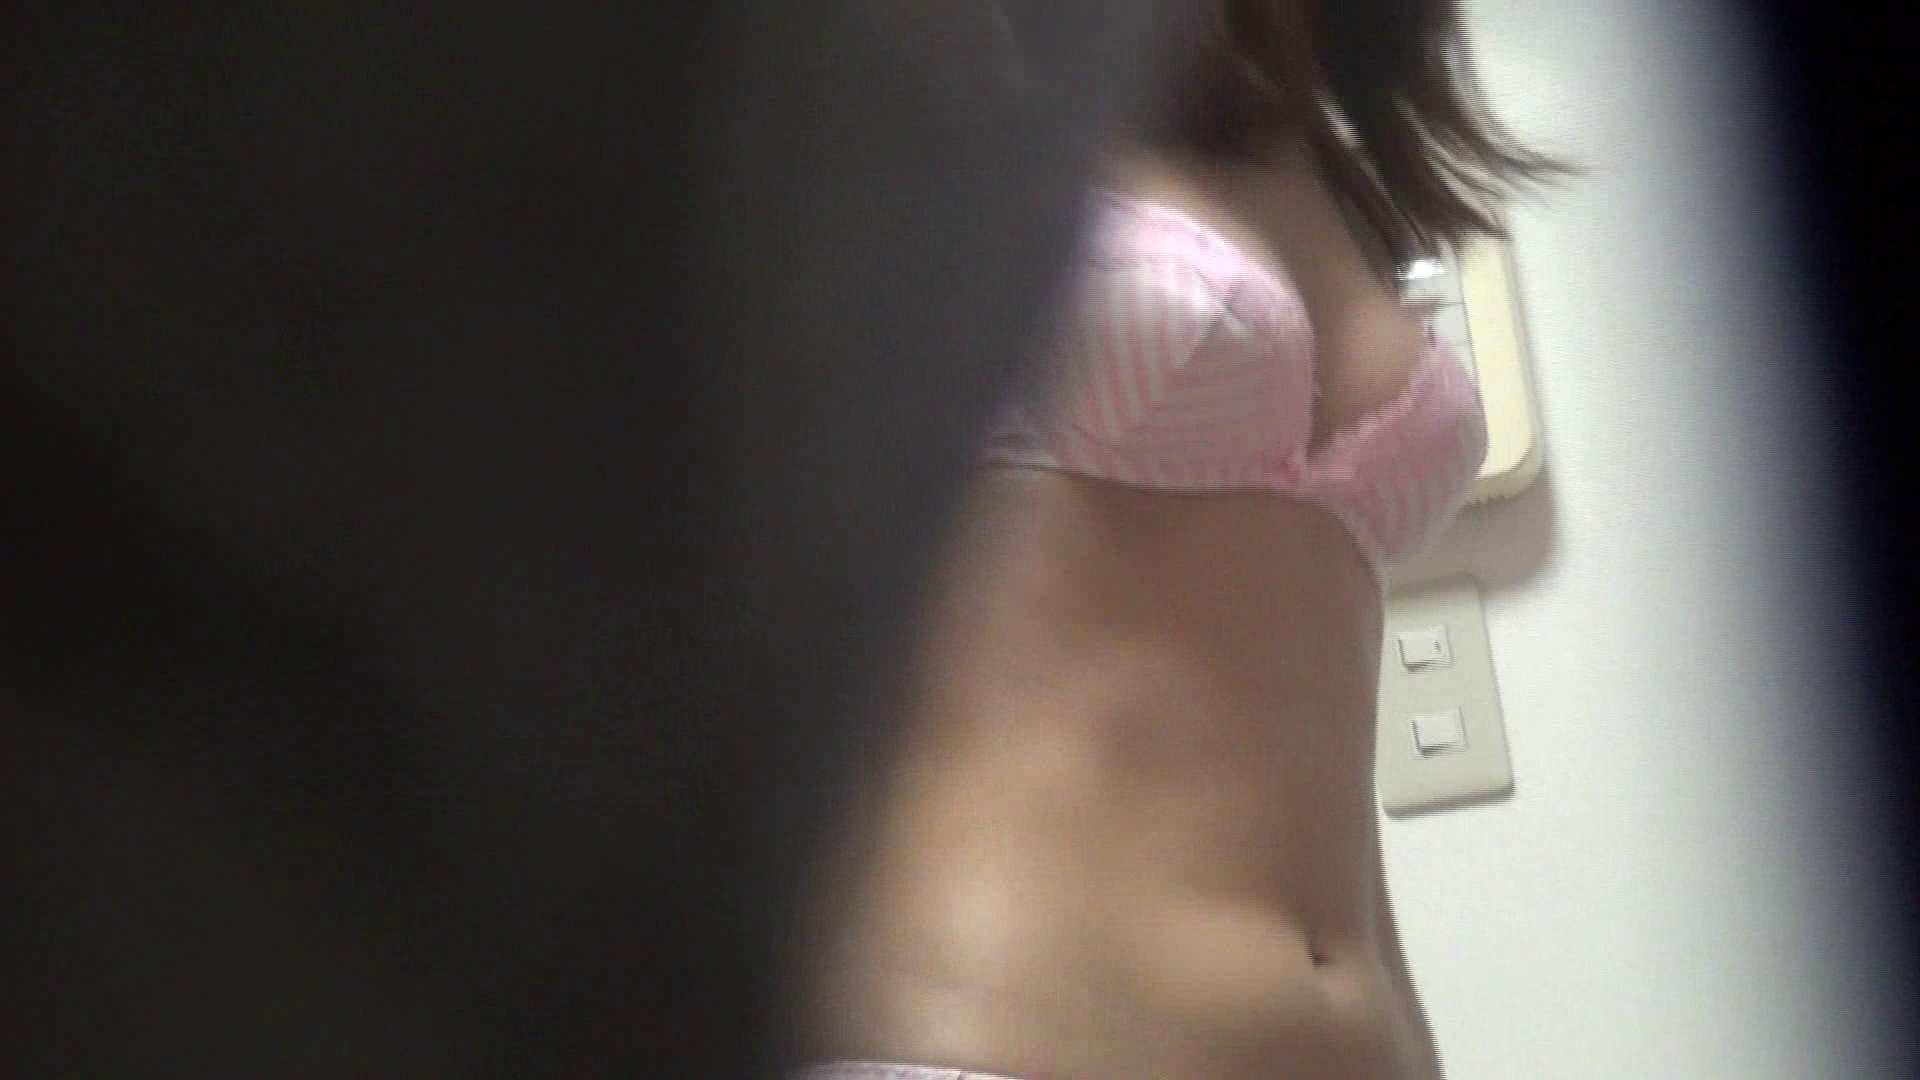 【05】仕事が忙しくて・・・久しぶりにベランダで待ち伏せ 現役ギャル | モロだしオマンコ  94pic 56